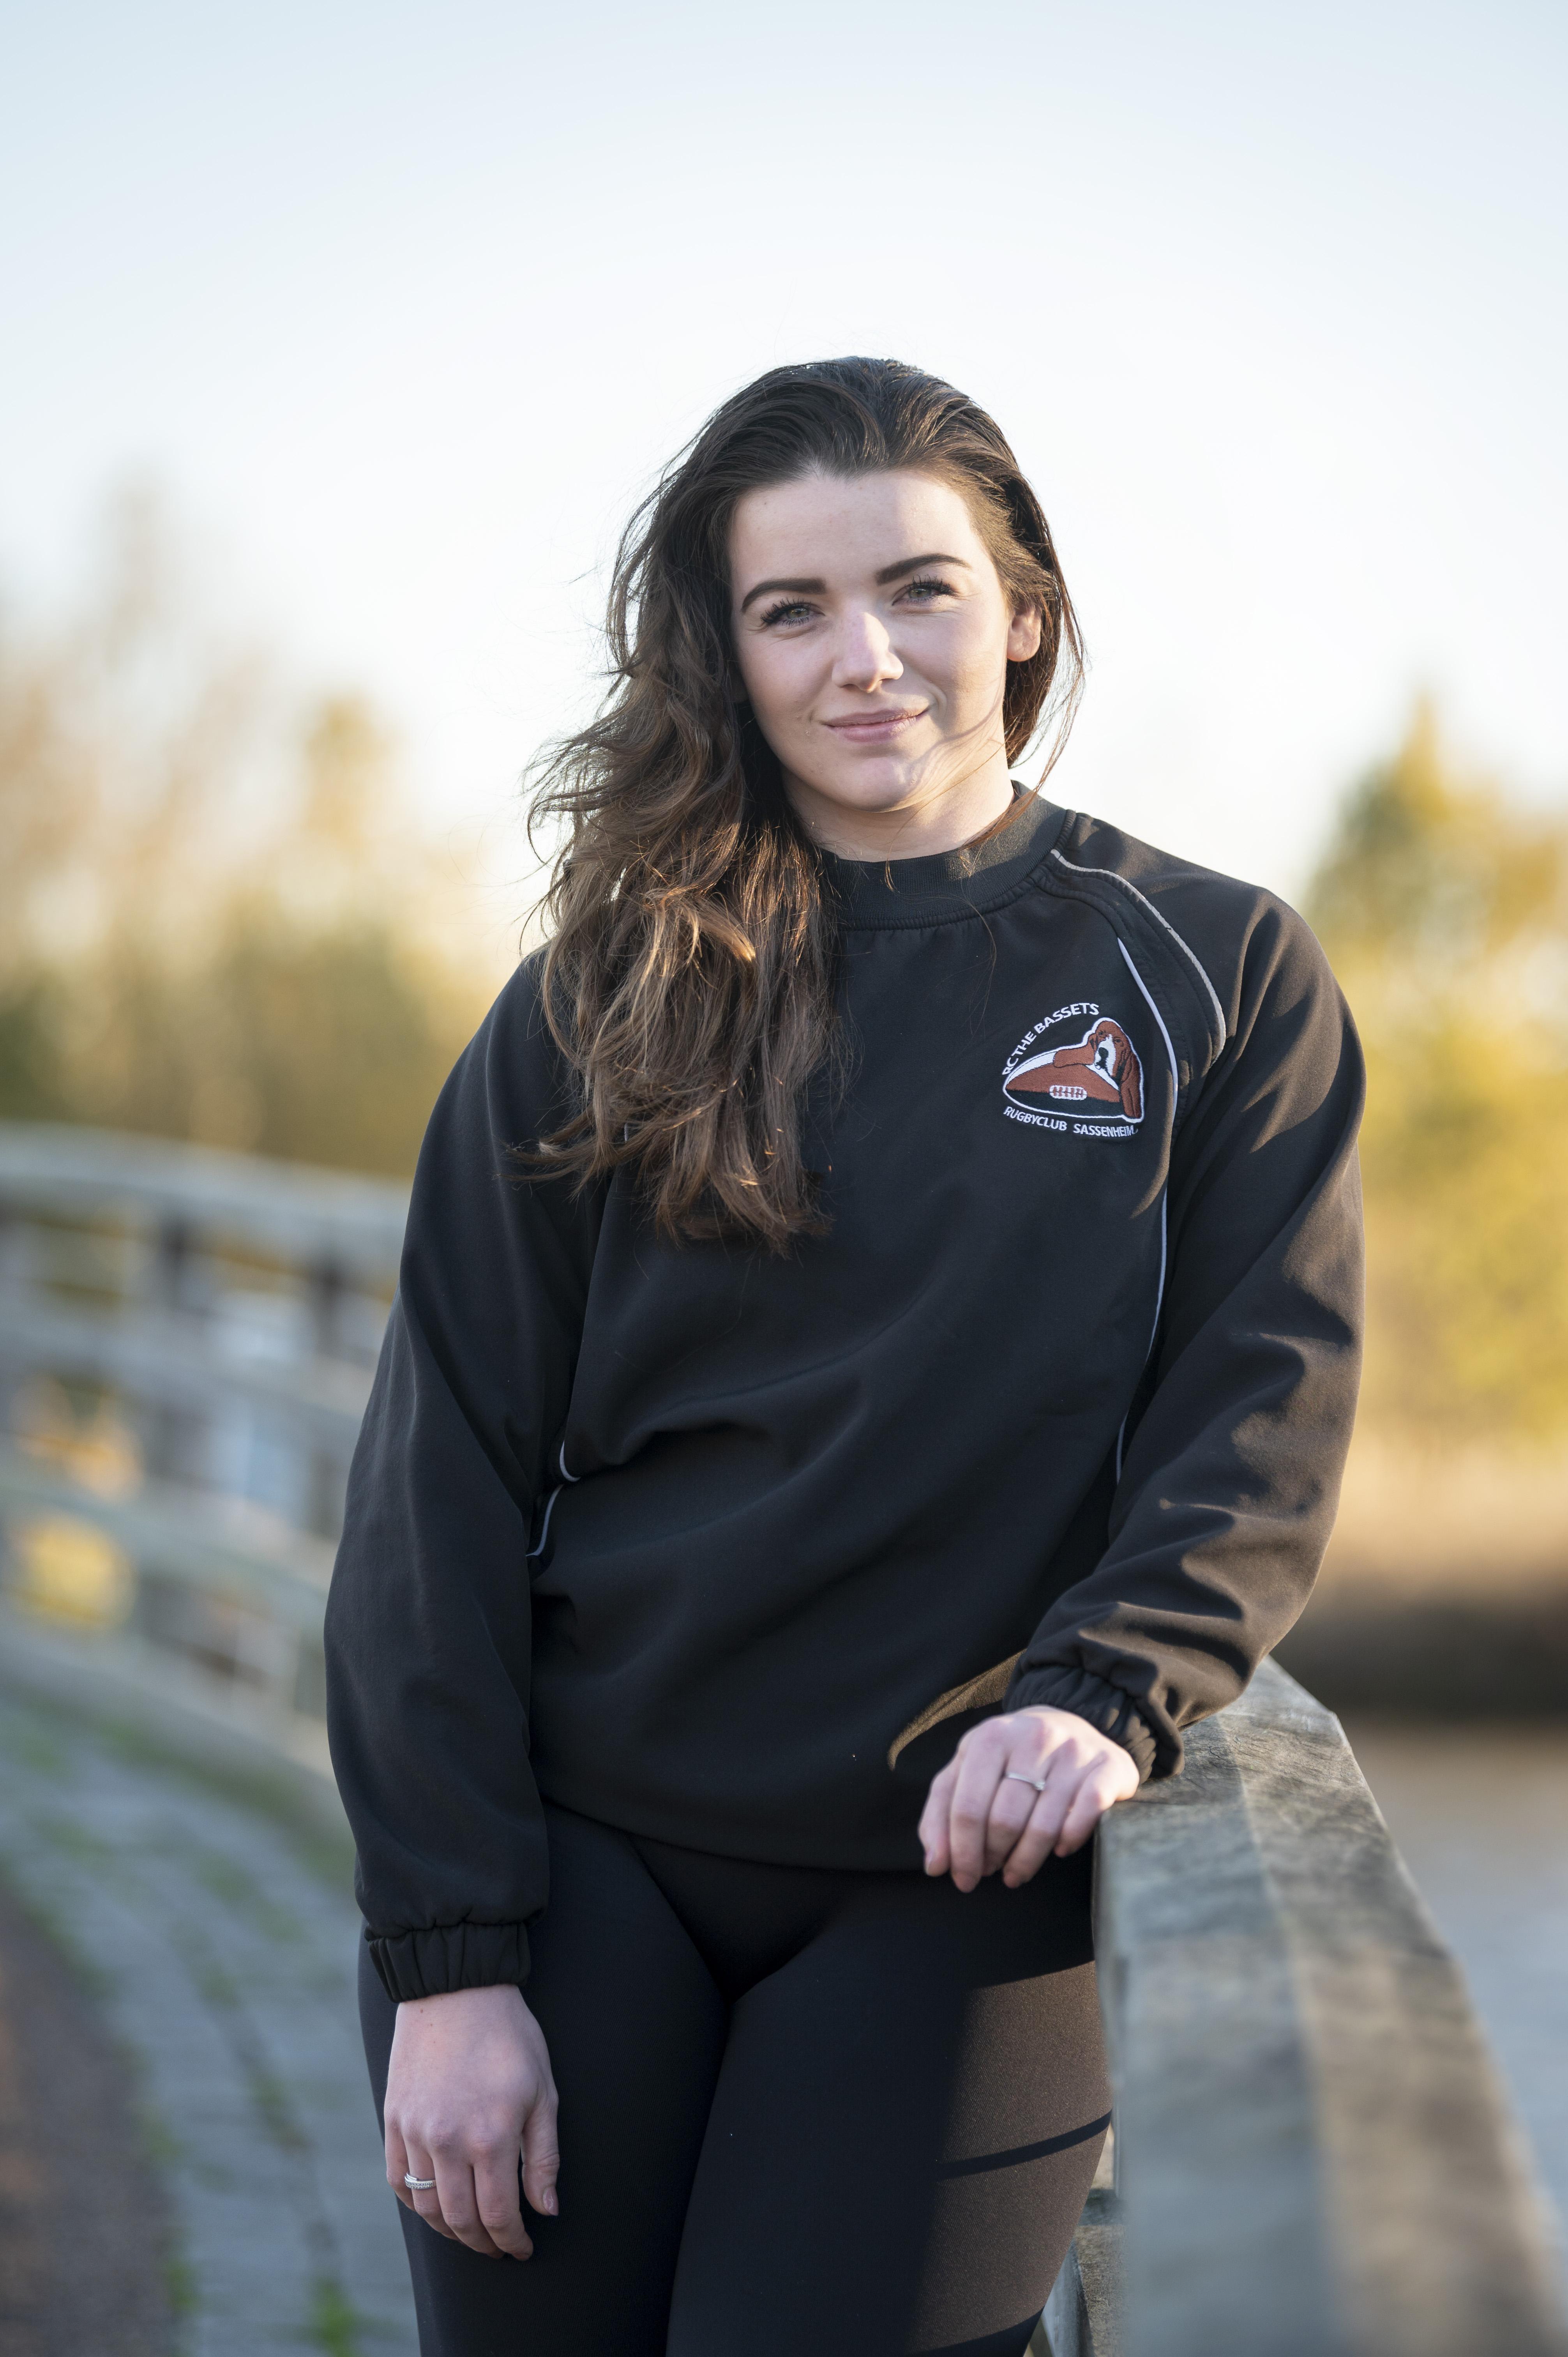 Anoushka Beukers uit Warmond: 'Mijn droom is om in het buitenland te rugbyen'